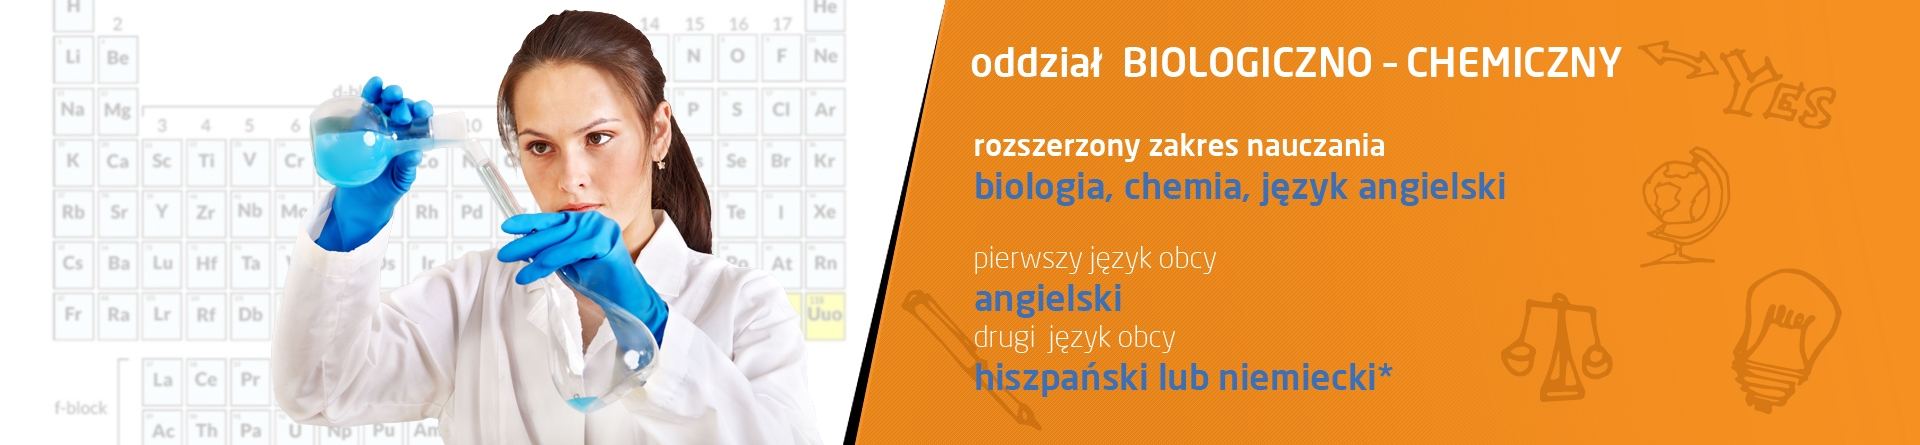 oddział Biologiczno – chemiczny